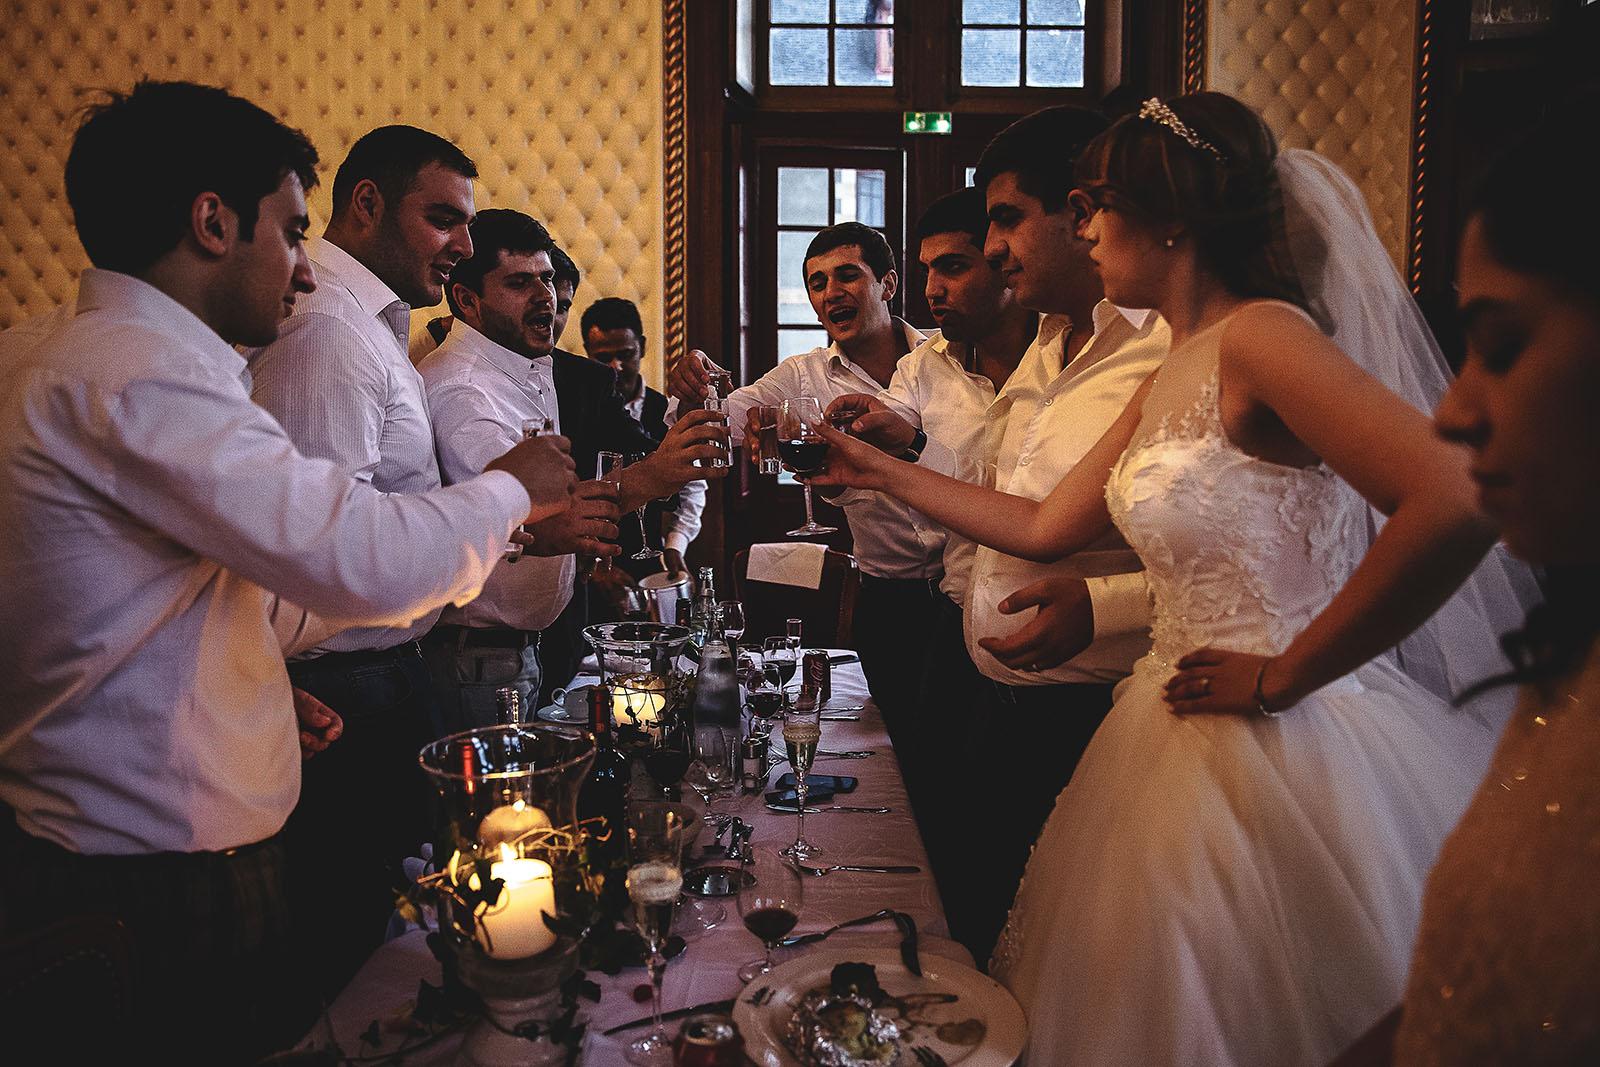 Mariage au Château de Beguin David Pommier photographe de mariage. Les mariés boivent un verre avec leurs amis